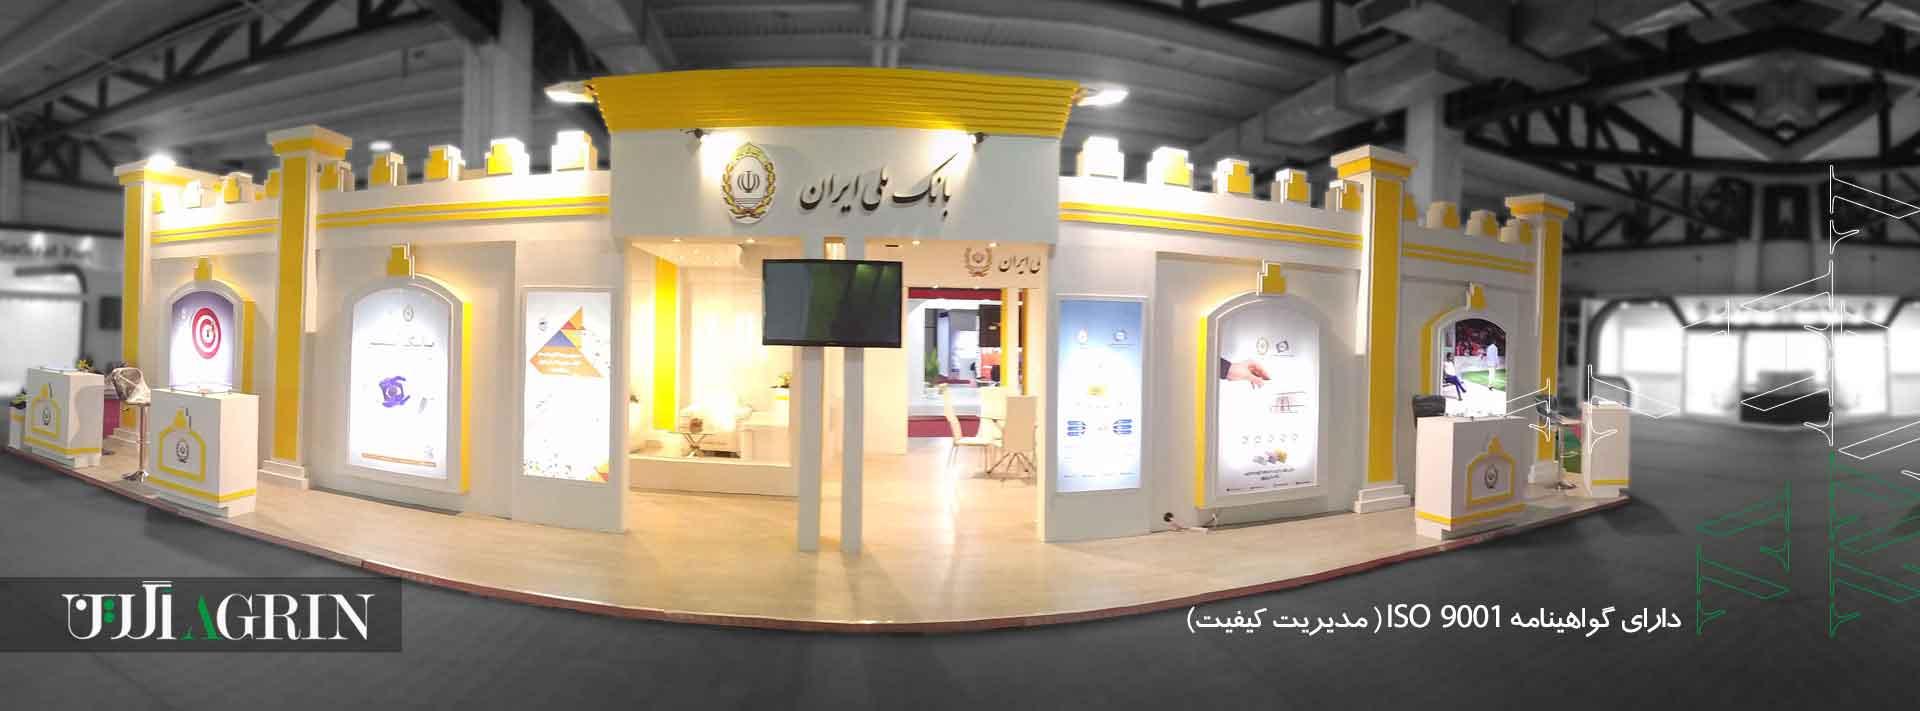 غرفه سازی نمایشگاه بورس بانک بیمه برای بانک ملی